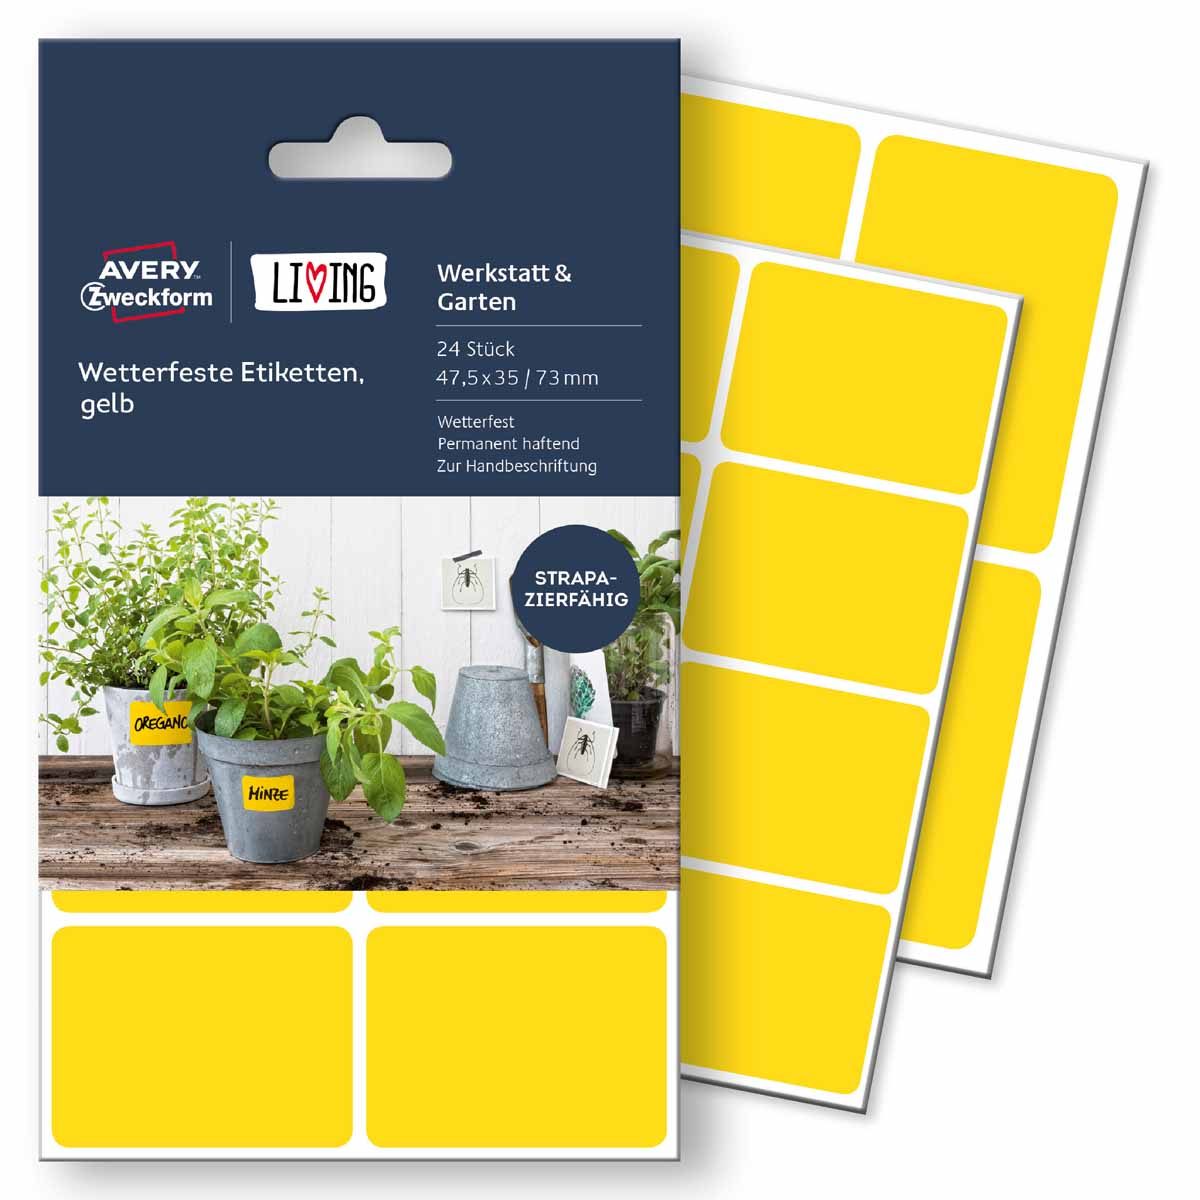 Avery Zweckform Этикетки для дома Living 47,5 х 35 мм цвет желтый62026Для этих этикеток нет плохой погоды! Всепогодные этикетки специально созданы использования на улице. Вы можете наклеивать их на цветочные горшки, почтовые ящики, мусорные баки и т.д. Они отлично выдерживают холода, дожди и прочие погодные условия. Материал: полиэстер. Кол-во: 2 листа/16 этикеток. Применение: для надписи от руки. Область применения: водо-,грязе-, масло-, термостойкие (выдерживают перепад температур от -20 С до + 80 С), надежное крепление на различных поверхностях.Тип клеящейся поверхности: перманентныеЦвет: желтыйРазмеры: 47,5 х 35 ммКоличество листов в упаковке: 4Этикеток на листе: 6Этикеток в упаковке: 24Форма: прямоугольная